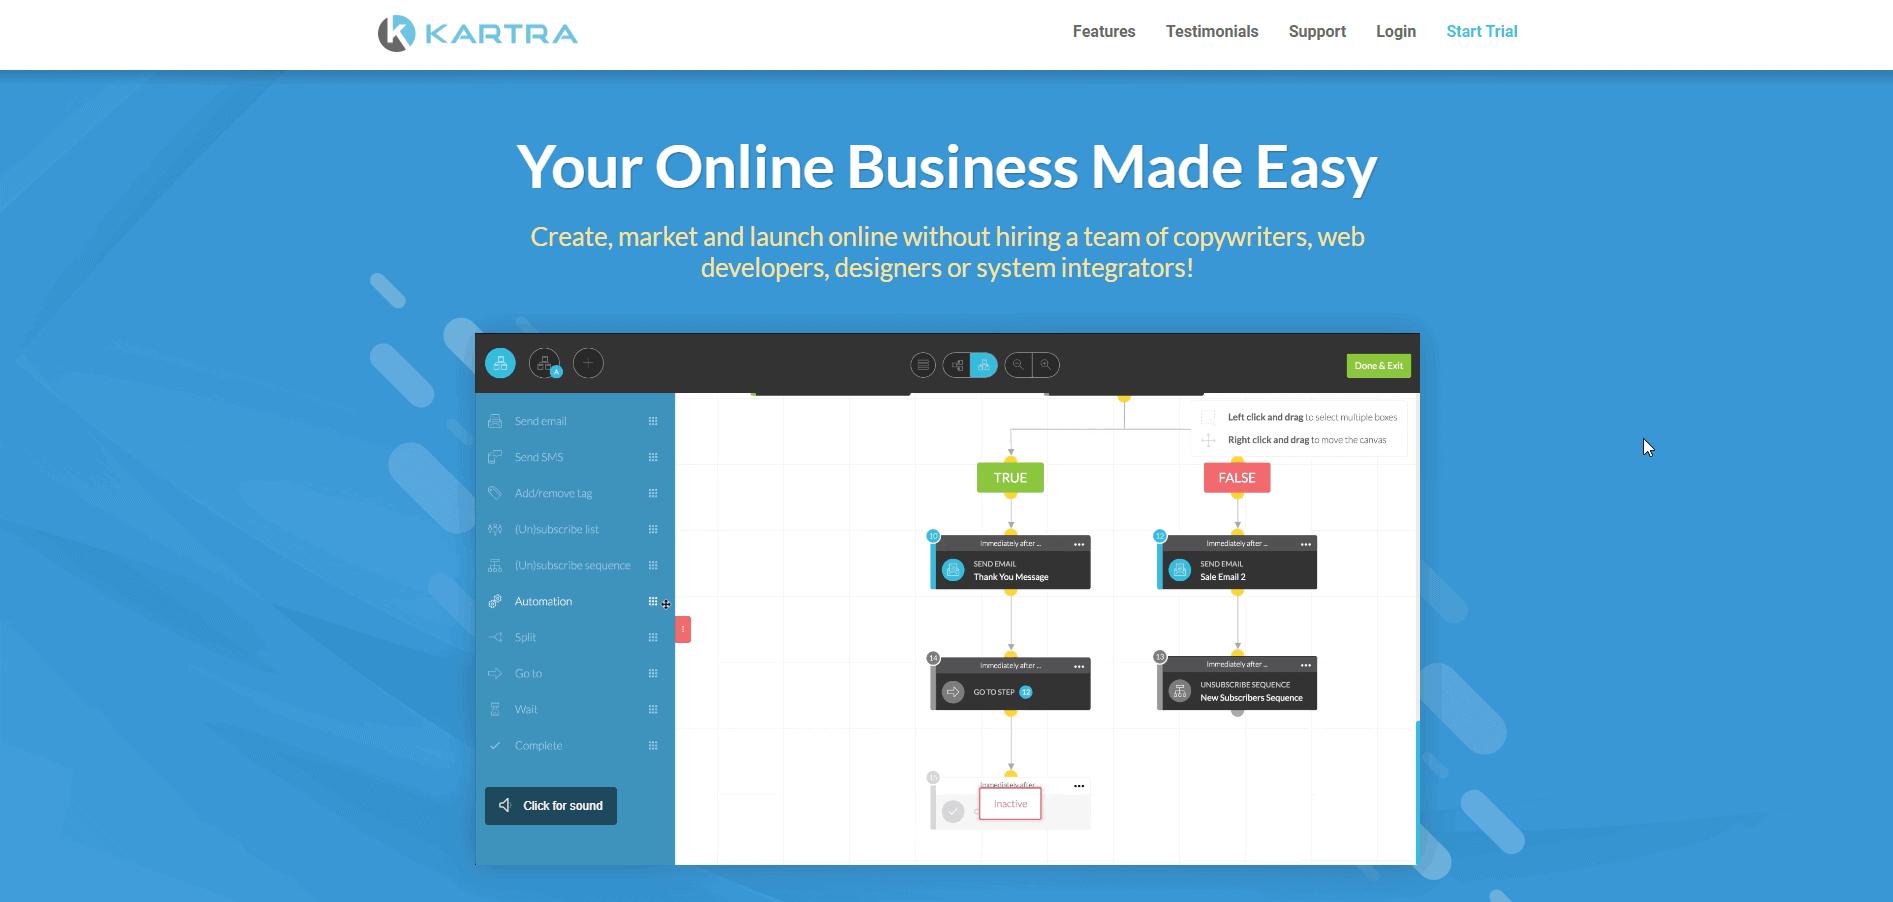 Kartra Best Shopping Cart Platform